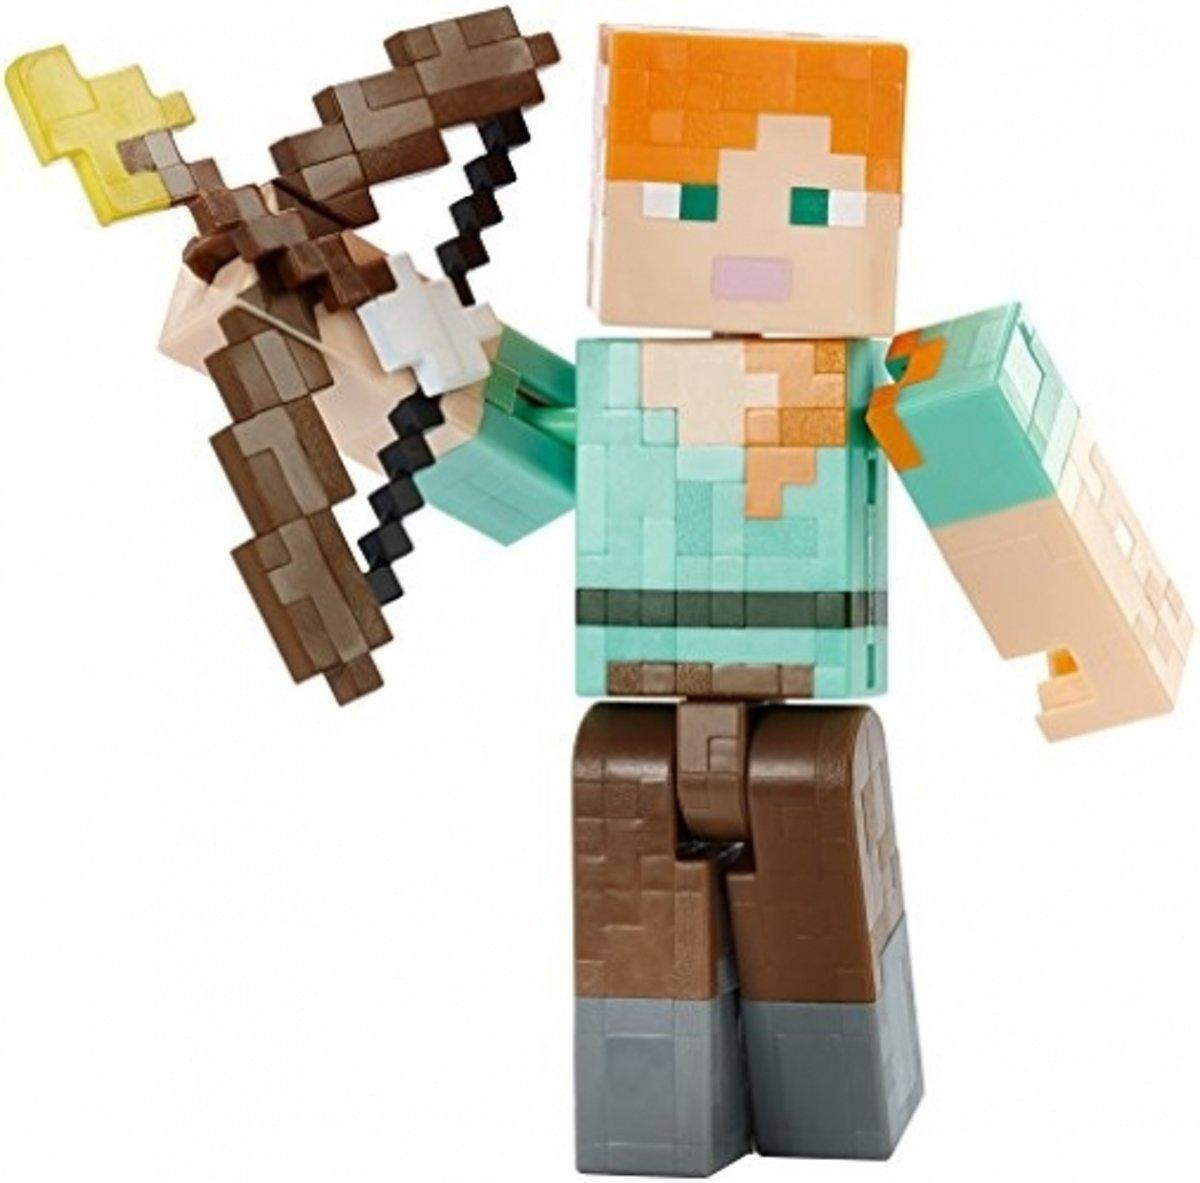 Minecraft Action Figure: Arrow Firing Alex